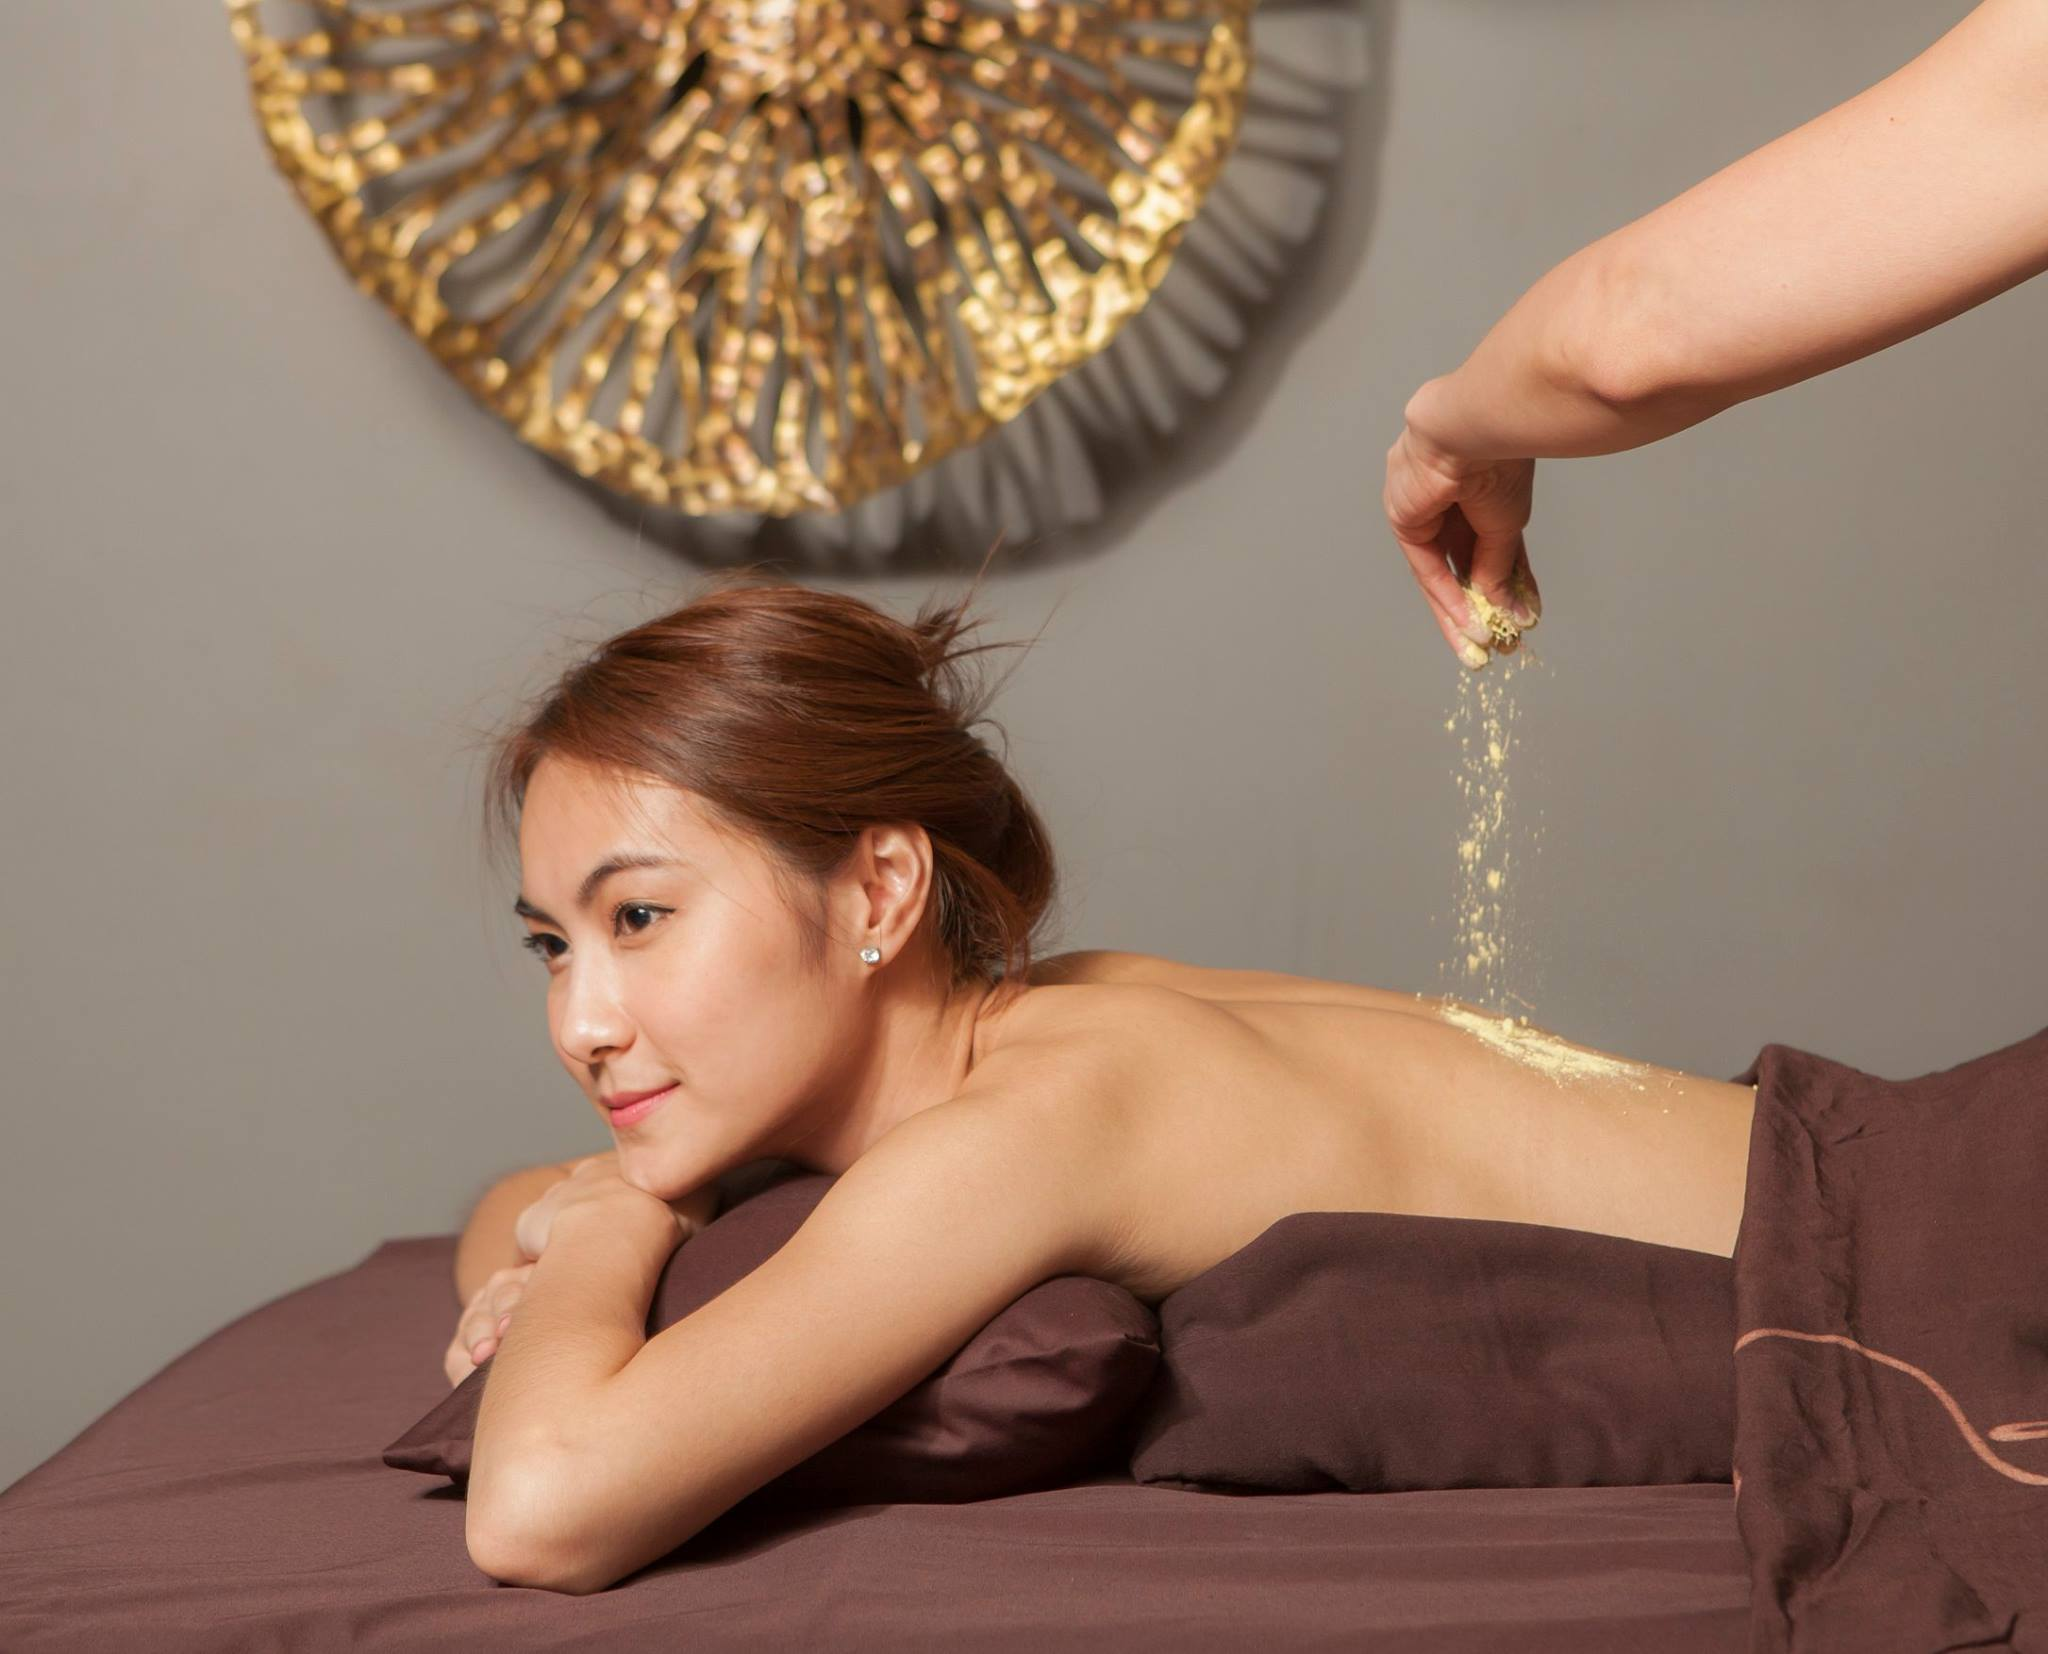 [泰國按摩]Divana Massage & Spa|讓身心靈獲得滿足的好地方~泰國旅行必安排舒緩之處 @VIVIYU小世界